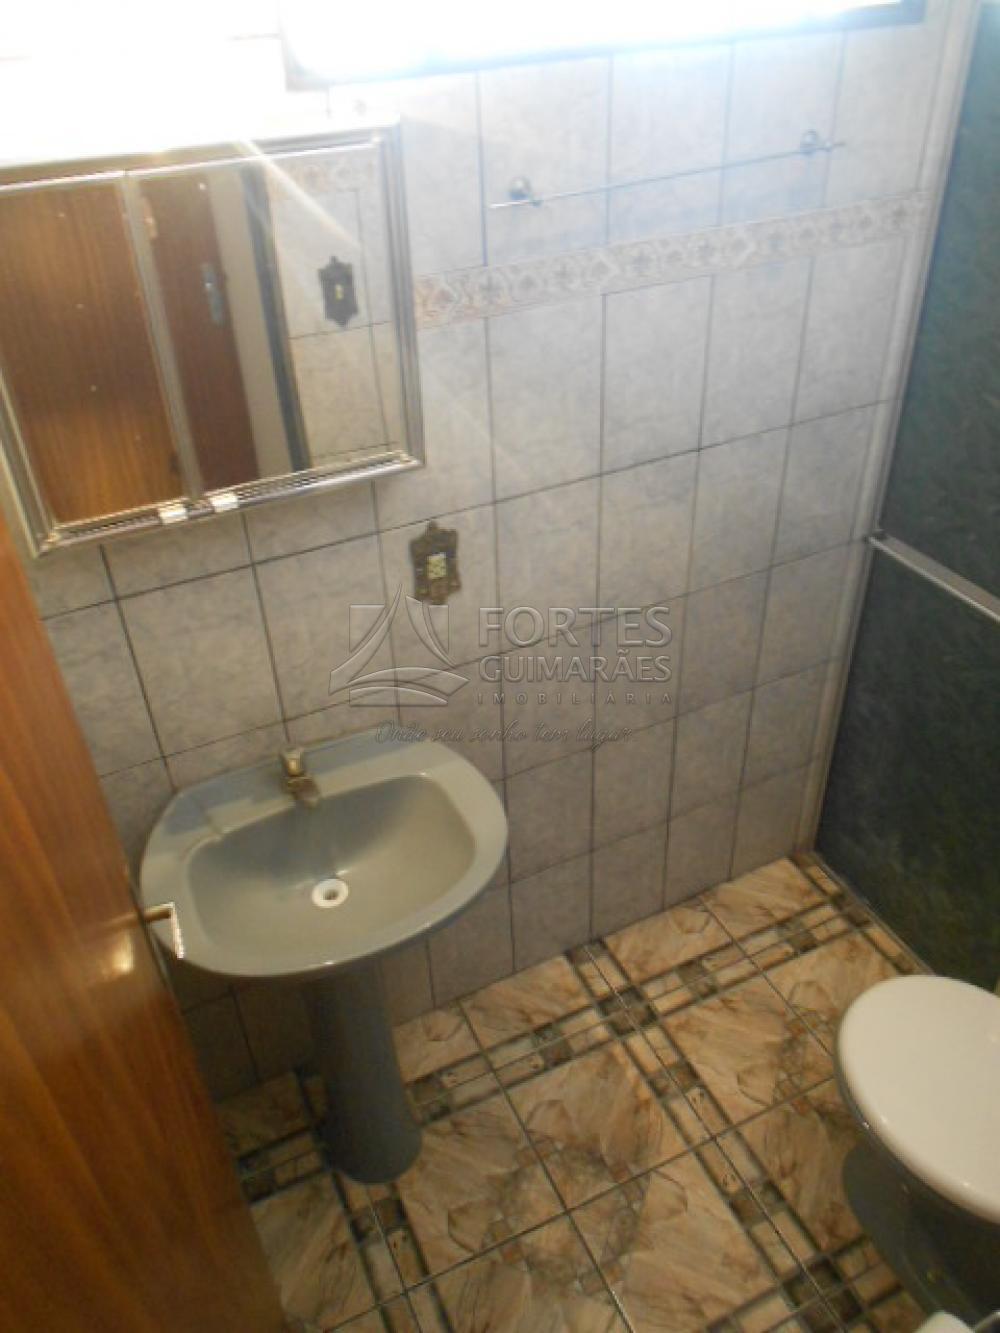 Alugar Casas / Padrão em Ribeirão Preto apenas R$ 950,00 - Foto 23